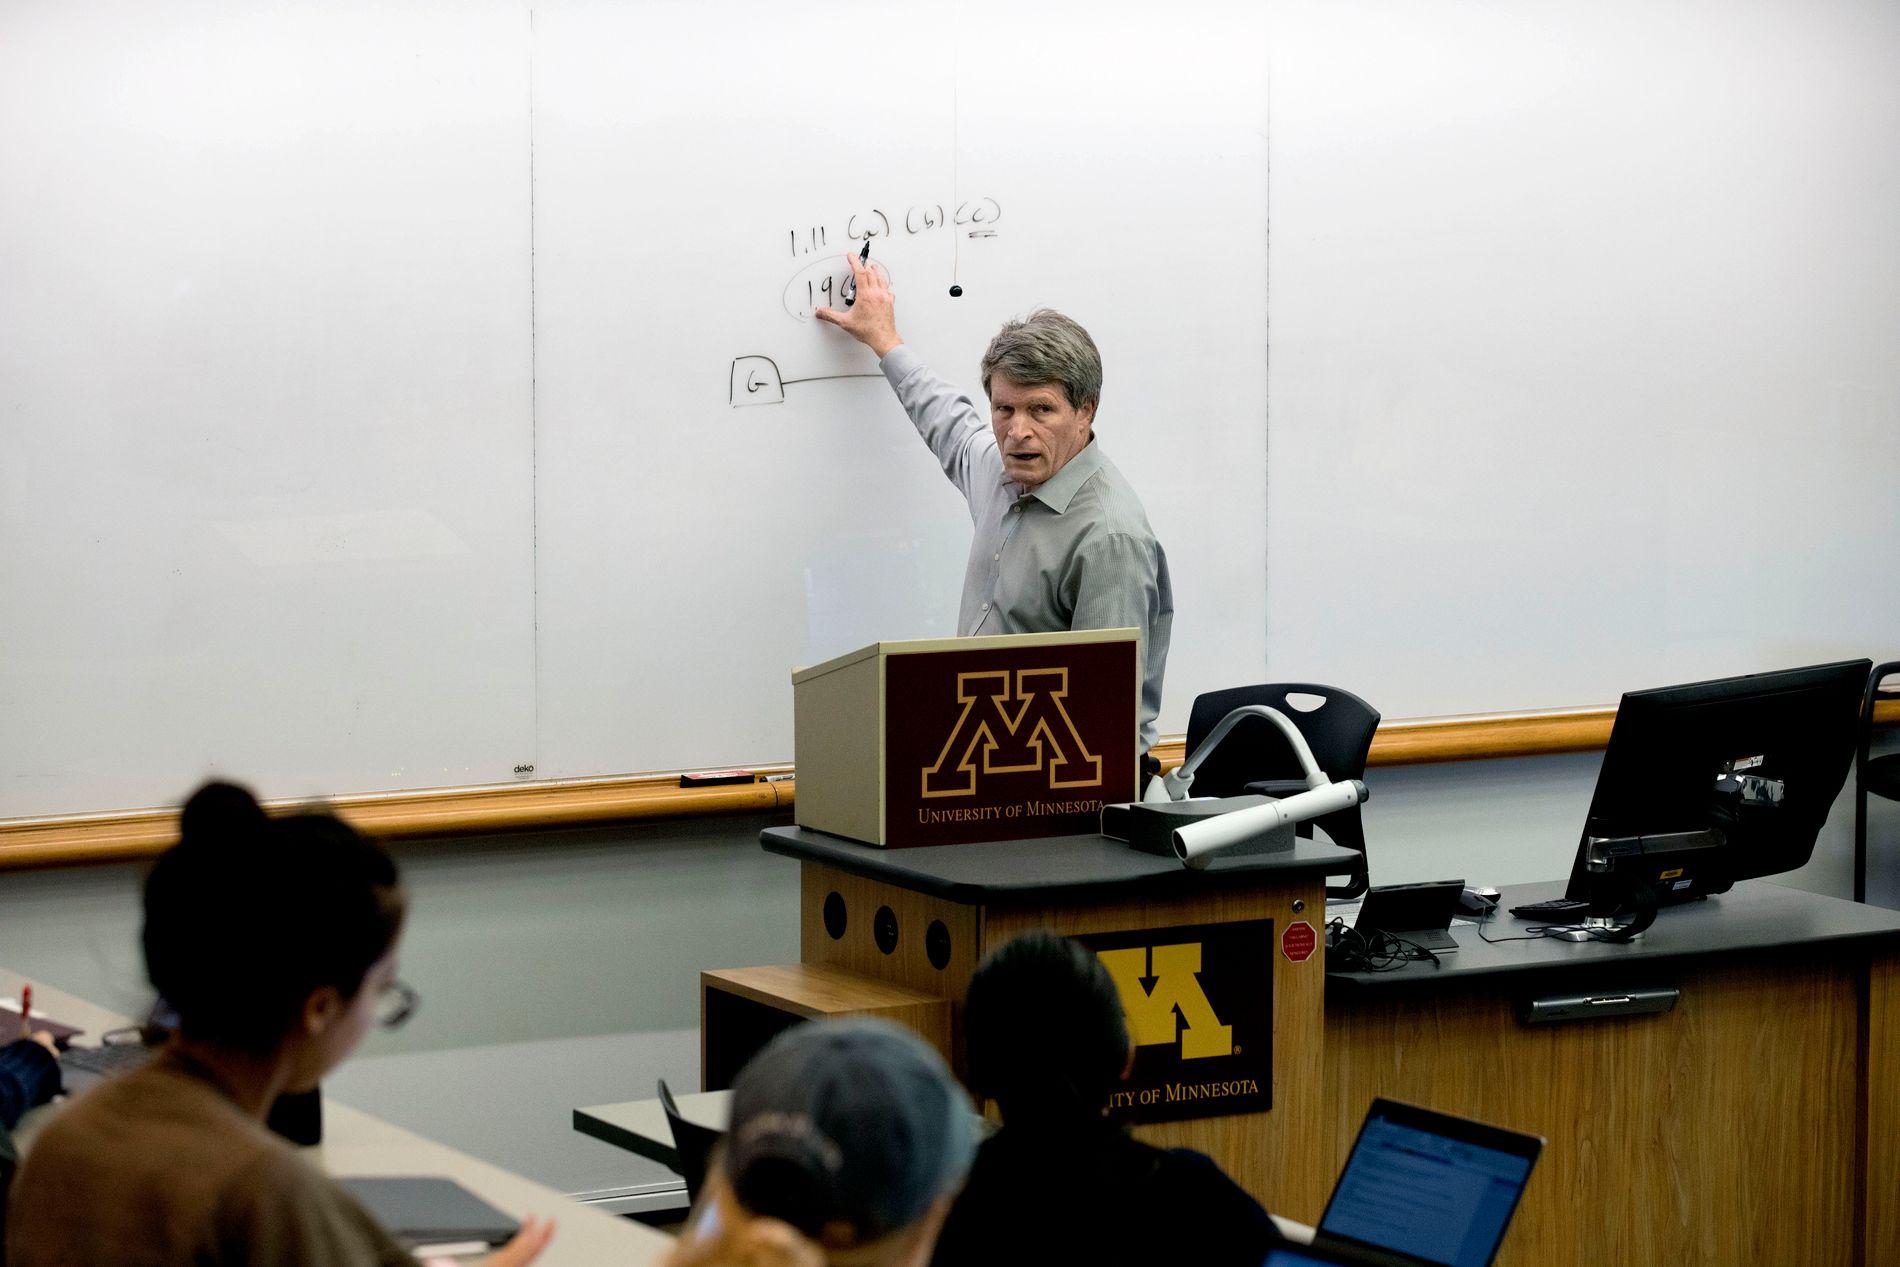 PÅ FORELESNING: Richard Painter jobber som professor med etikk og økonomi som spesialfelt på University of Minnesota.